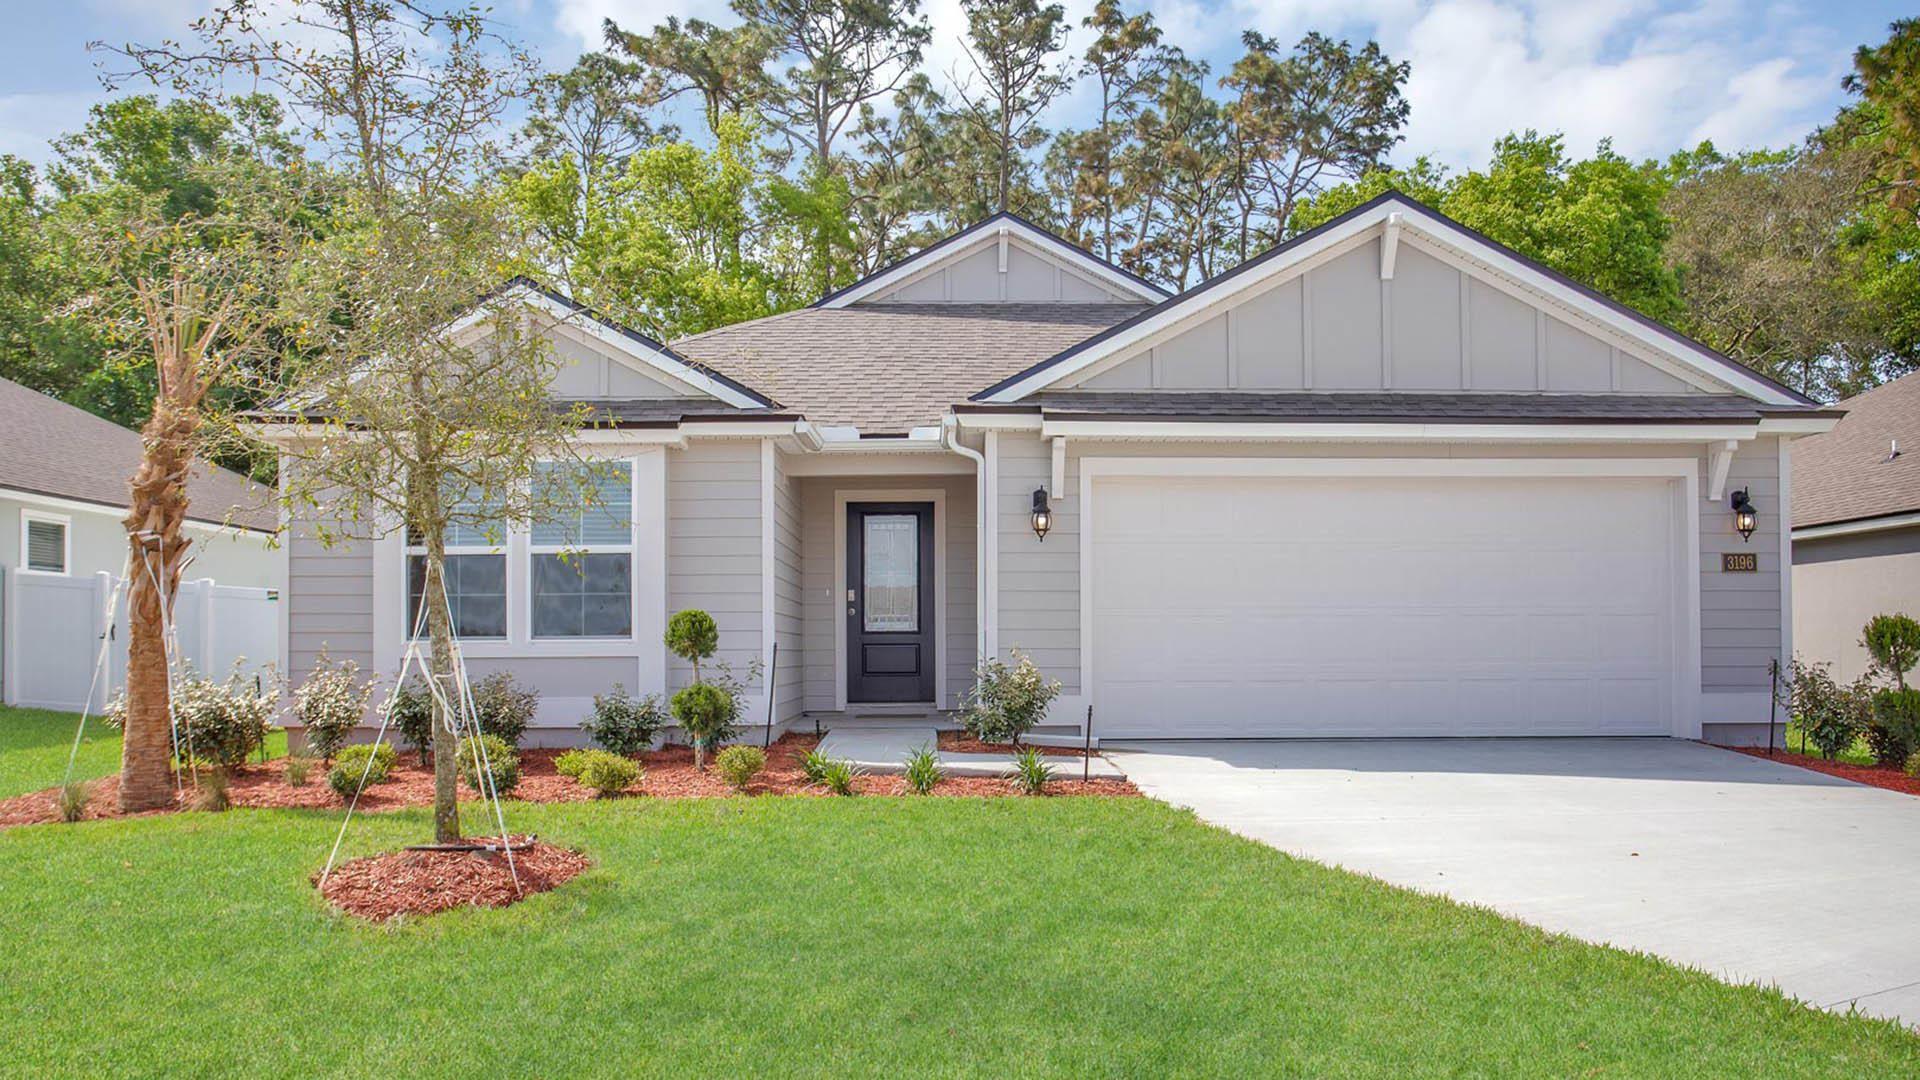 3196 LITTLE KERN LN #Lot No: 37, Jacksonville, FL 32226 - MLS#: 1058837